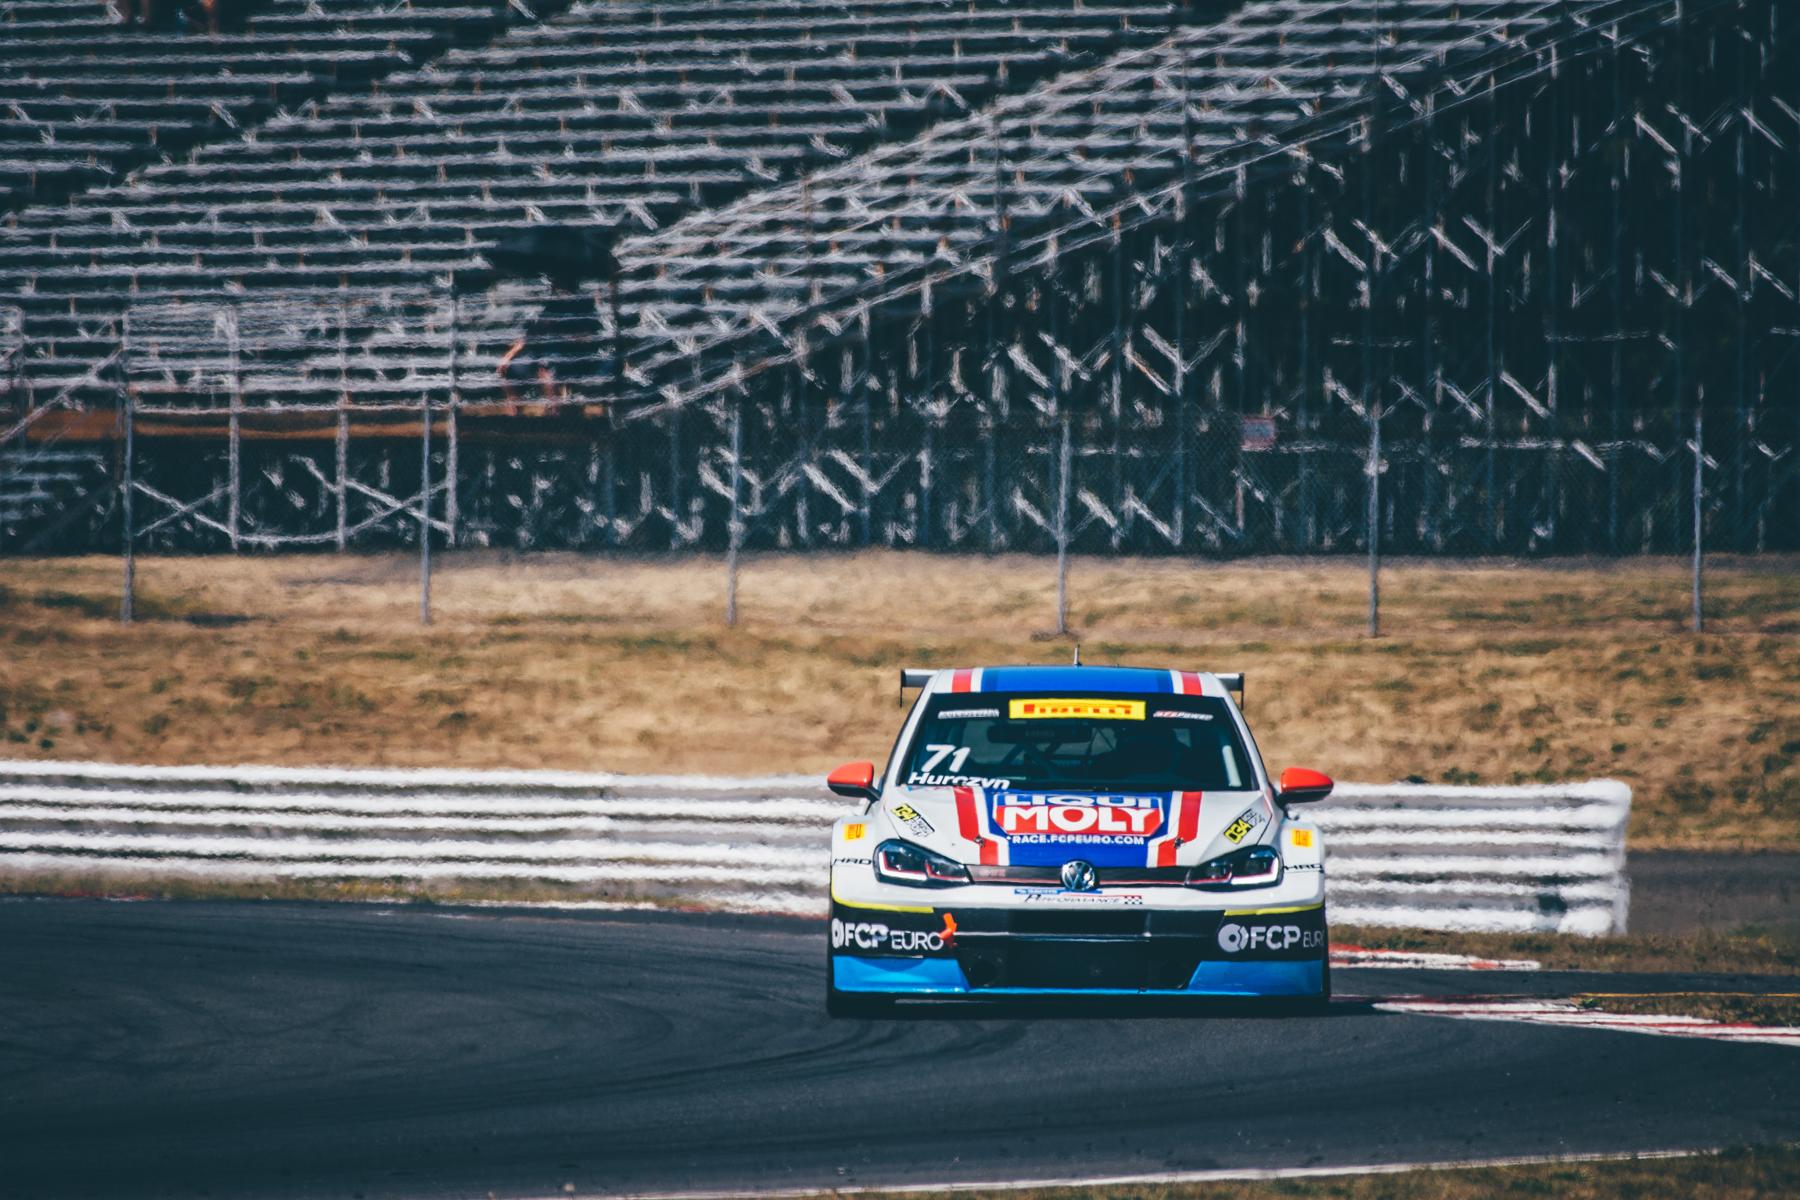 pirelli-world-challenge-pir-fcp-euro-mk7-volkswagen-gti-tcr-17.jpg